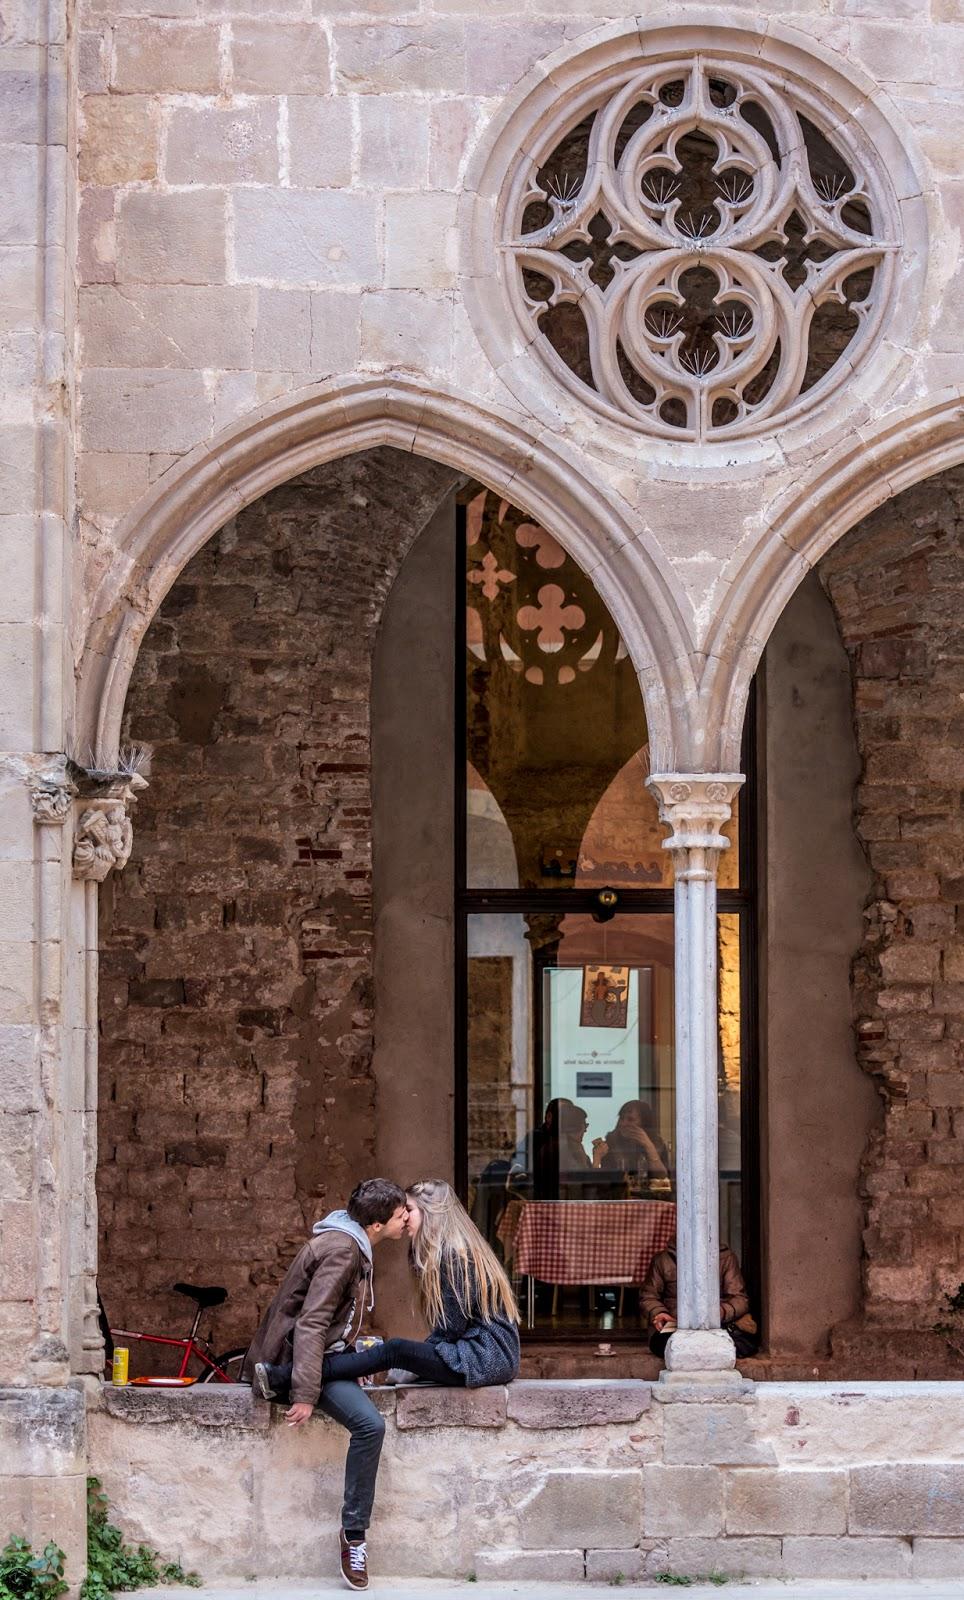 Kiss Bill en Sant Agustí :: Canon EOS 5D MkIII | ISO1600 | Canon 70-200 @89mm | f/4.0 | 1/80s